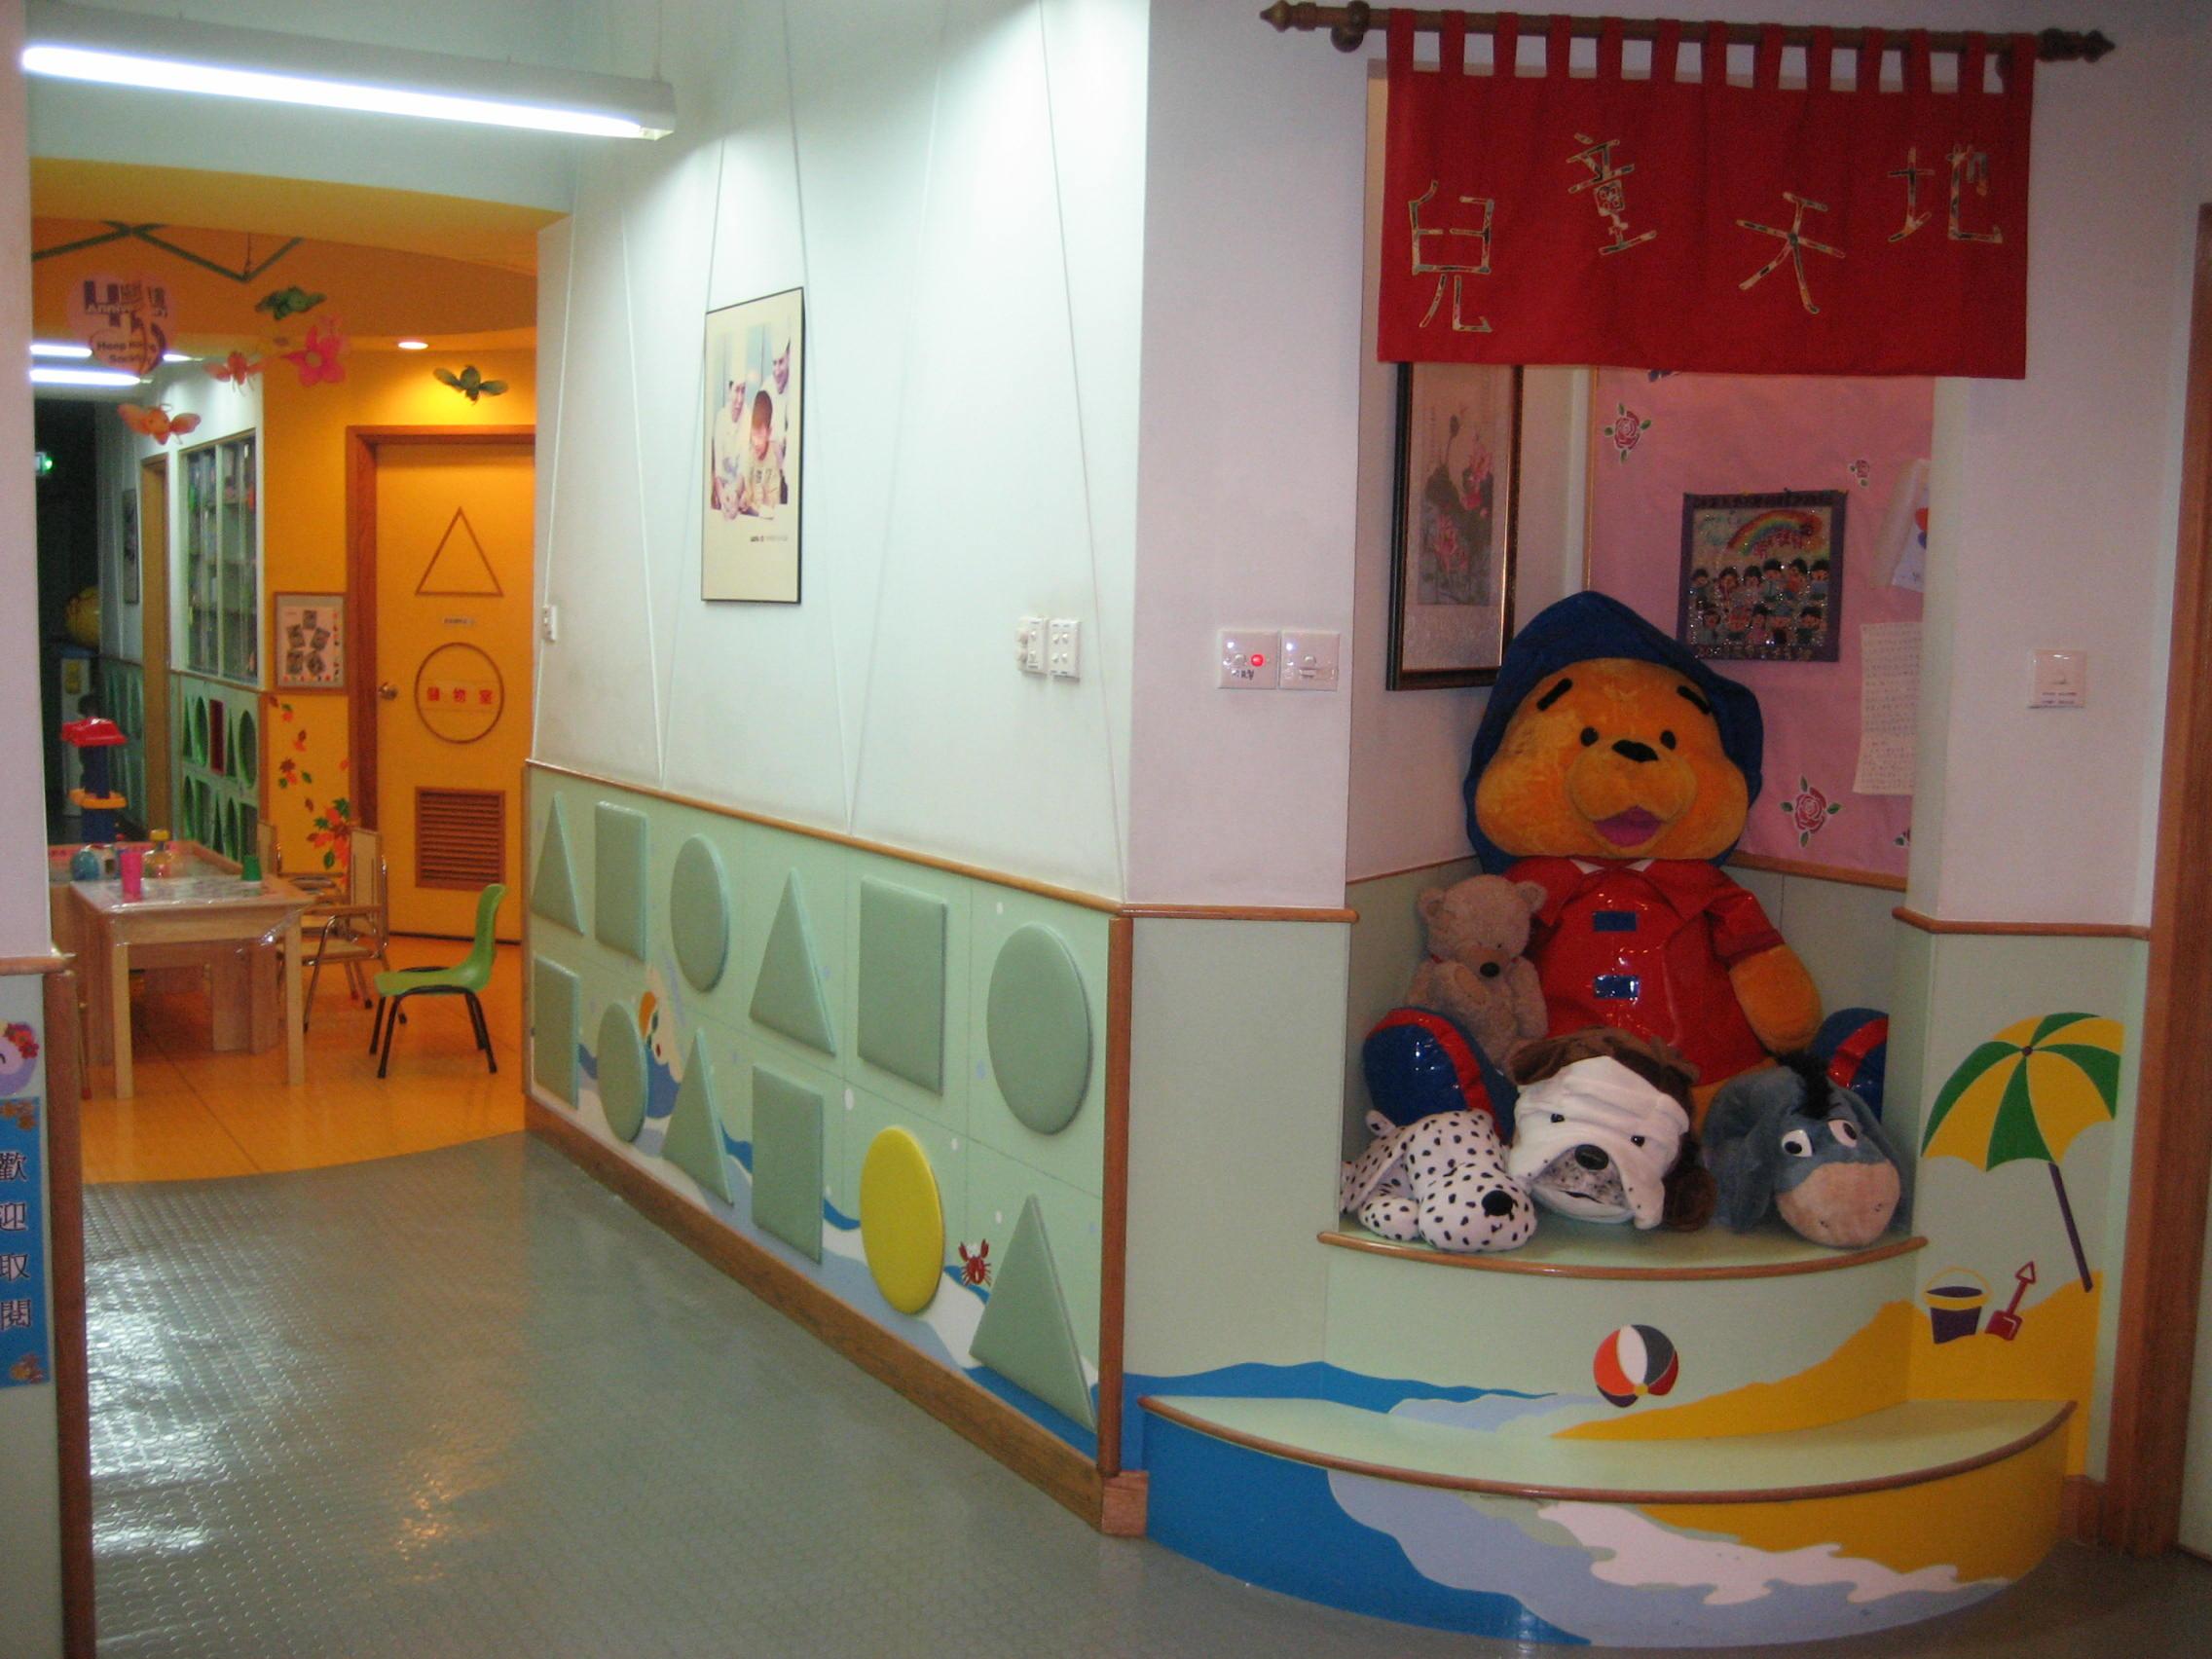 兒童玩具閣:兒童在上課前/下課後,可留在這裡玩玩具,既可玩玩具,亦可與其他兒童接觸交往,增加社交機會。